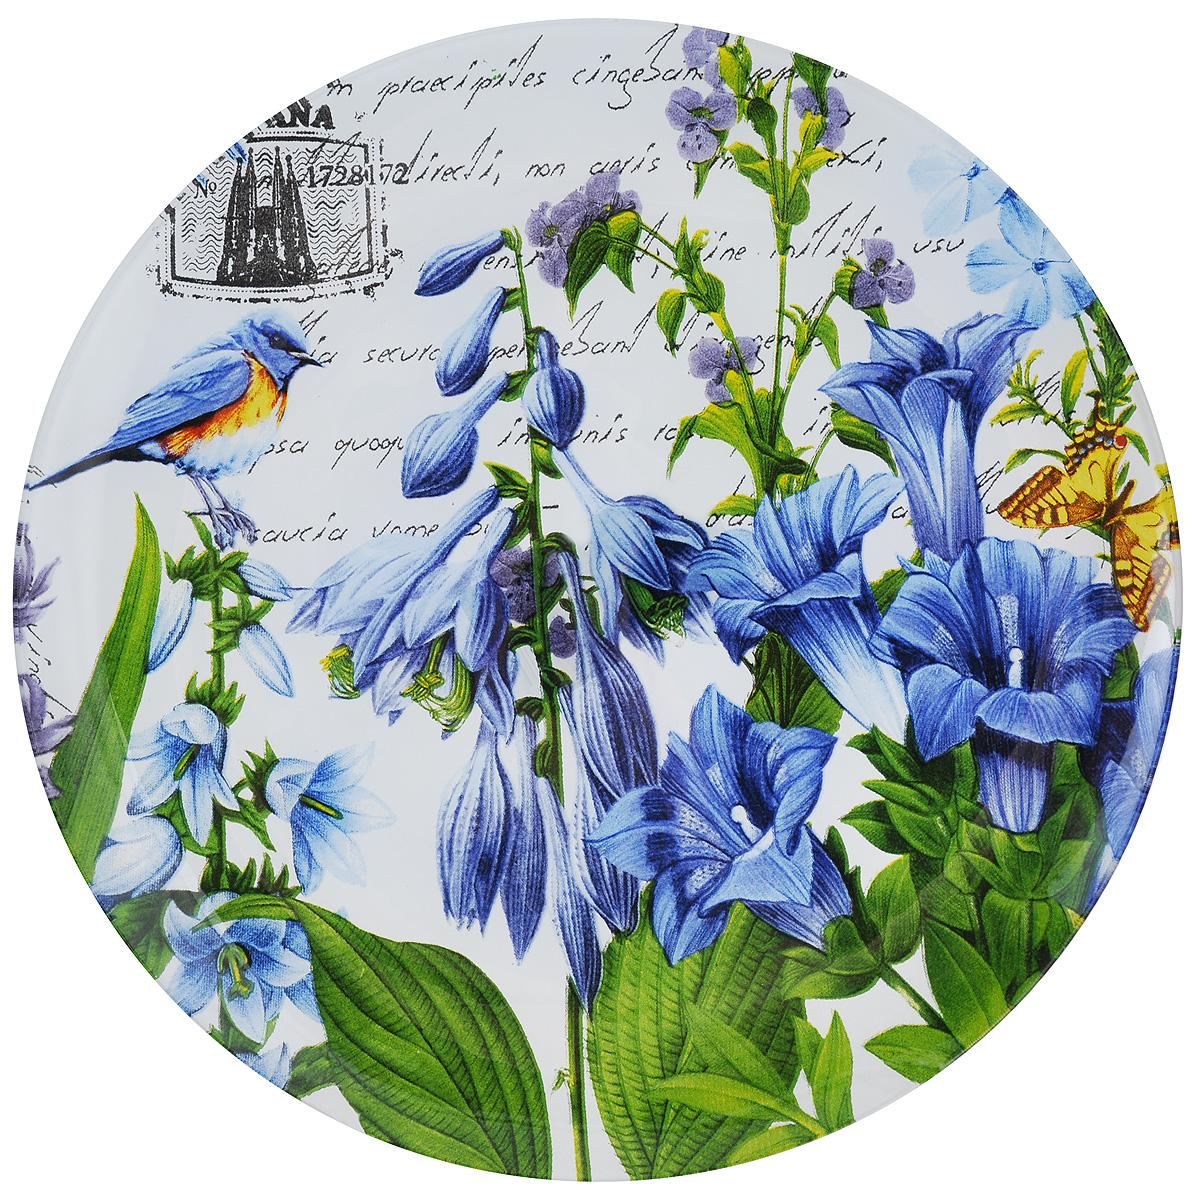 Тарелка Zibo Shelley Колокольчики, диаметр 25 смZSK3010L074Круглая тарелка Zibo Shelley Колокольчики, изготовленная из стекла, декорирована ярким изображением цветов. Она не только украсит сервировку вашего стола и подчеркнет прекрасный вкус хозяйки, но и станет отличным подарком. Можно использовать в посудомоечной машине и СВЧ. Диаметр: 25 см. Высота: 1,5 см.